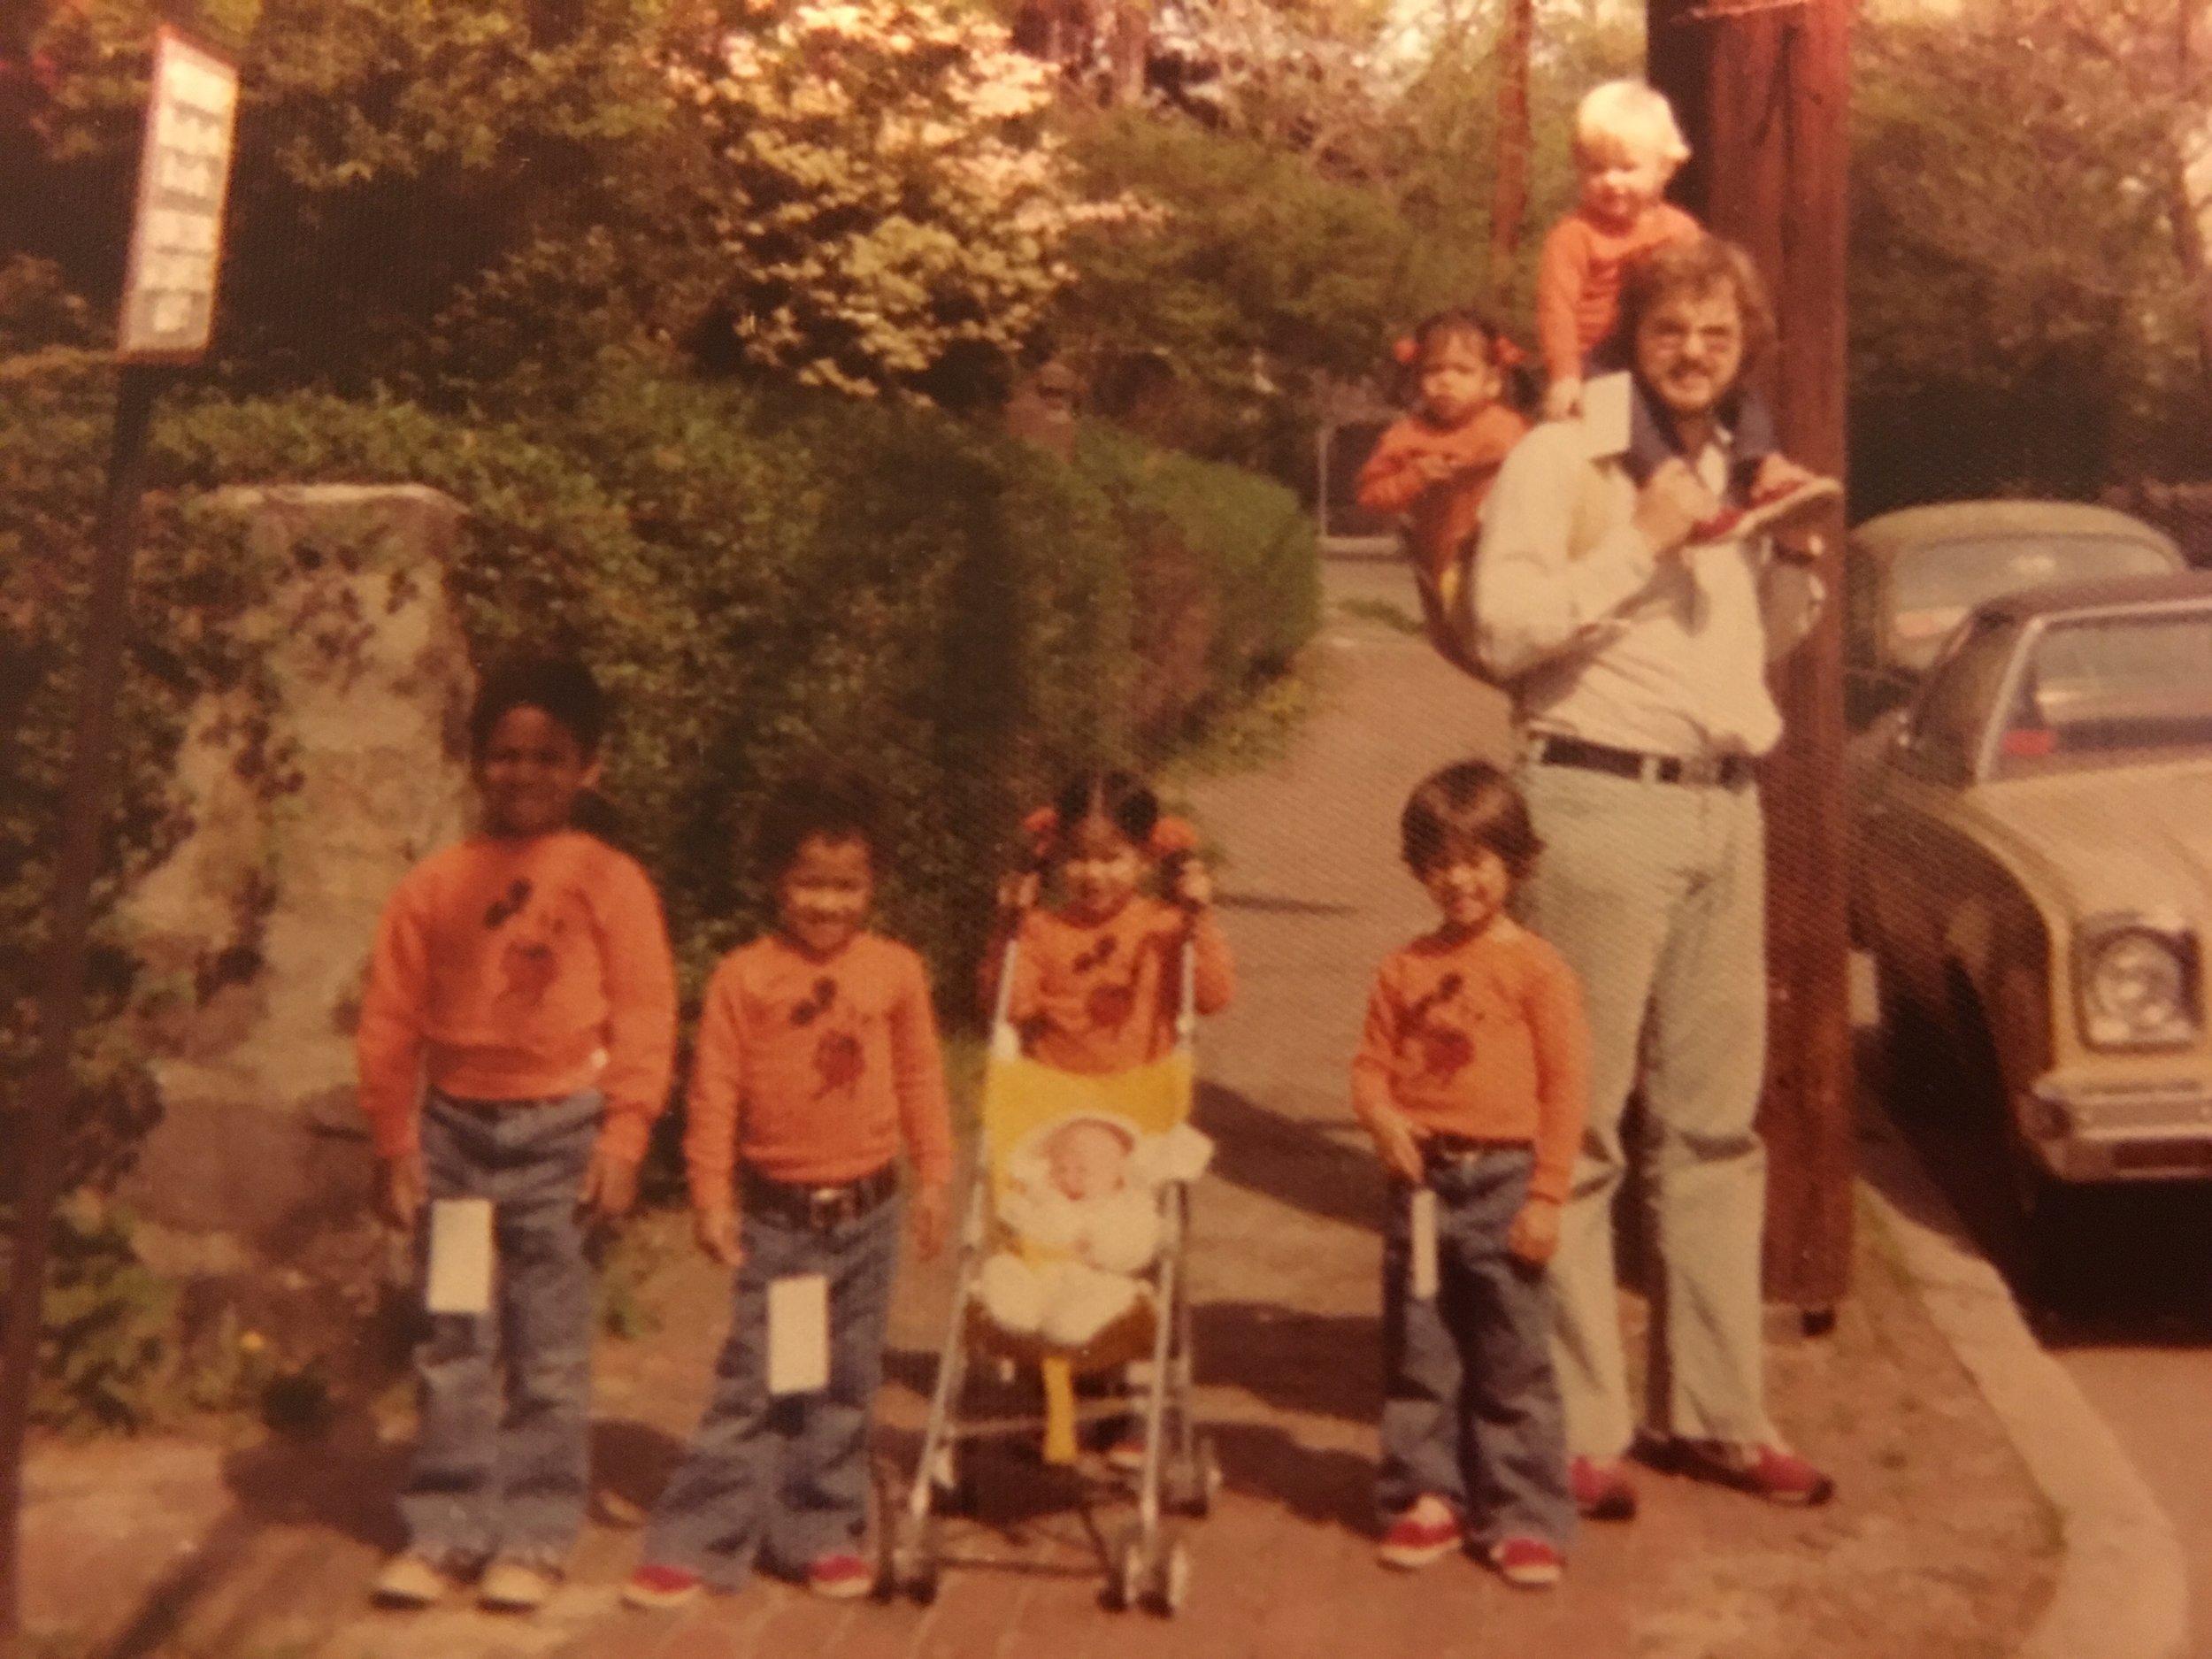 7 under 7 ~ circa 1976 Tage, Peik, Kari (pushing Britta), Jens, Dad with Siri & Anika